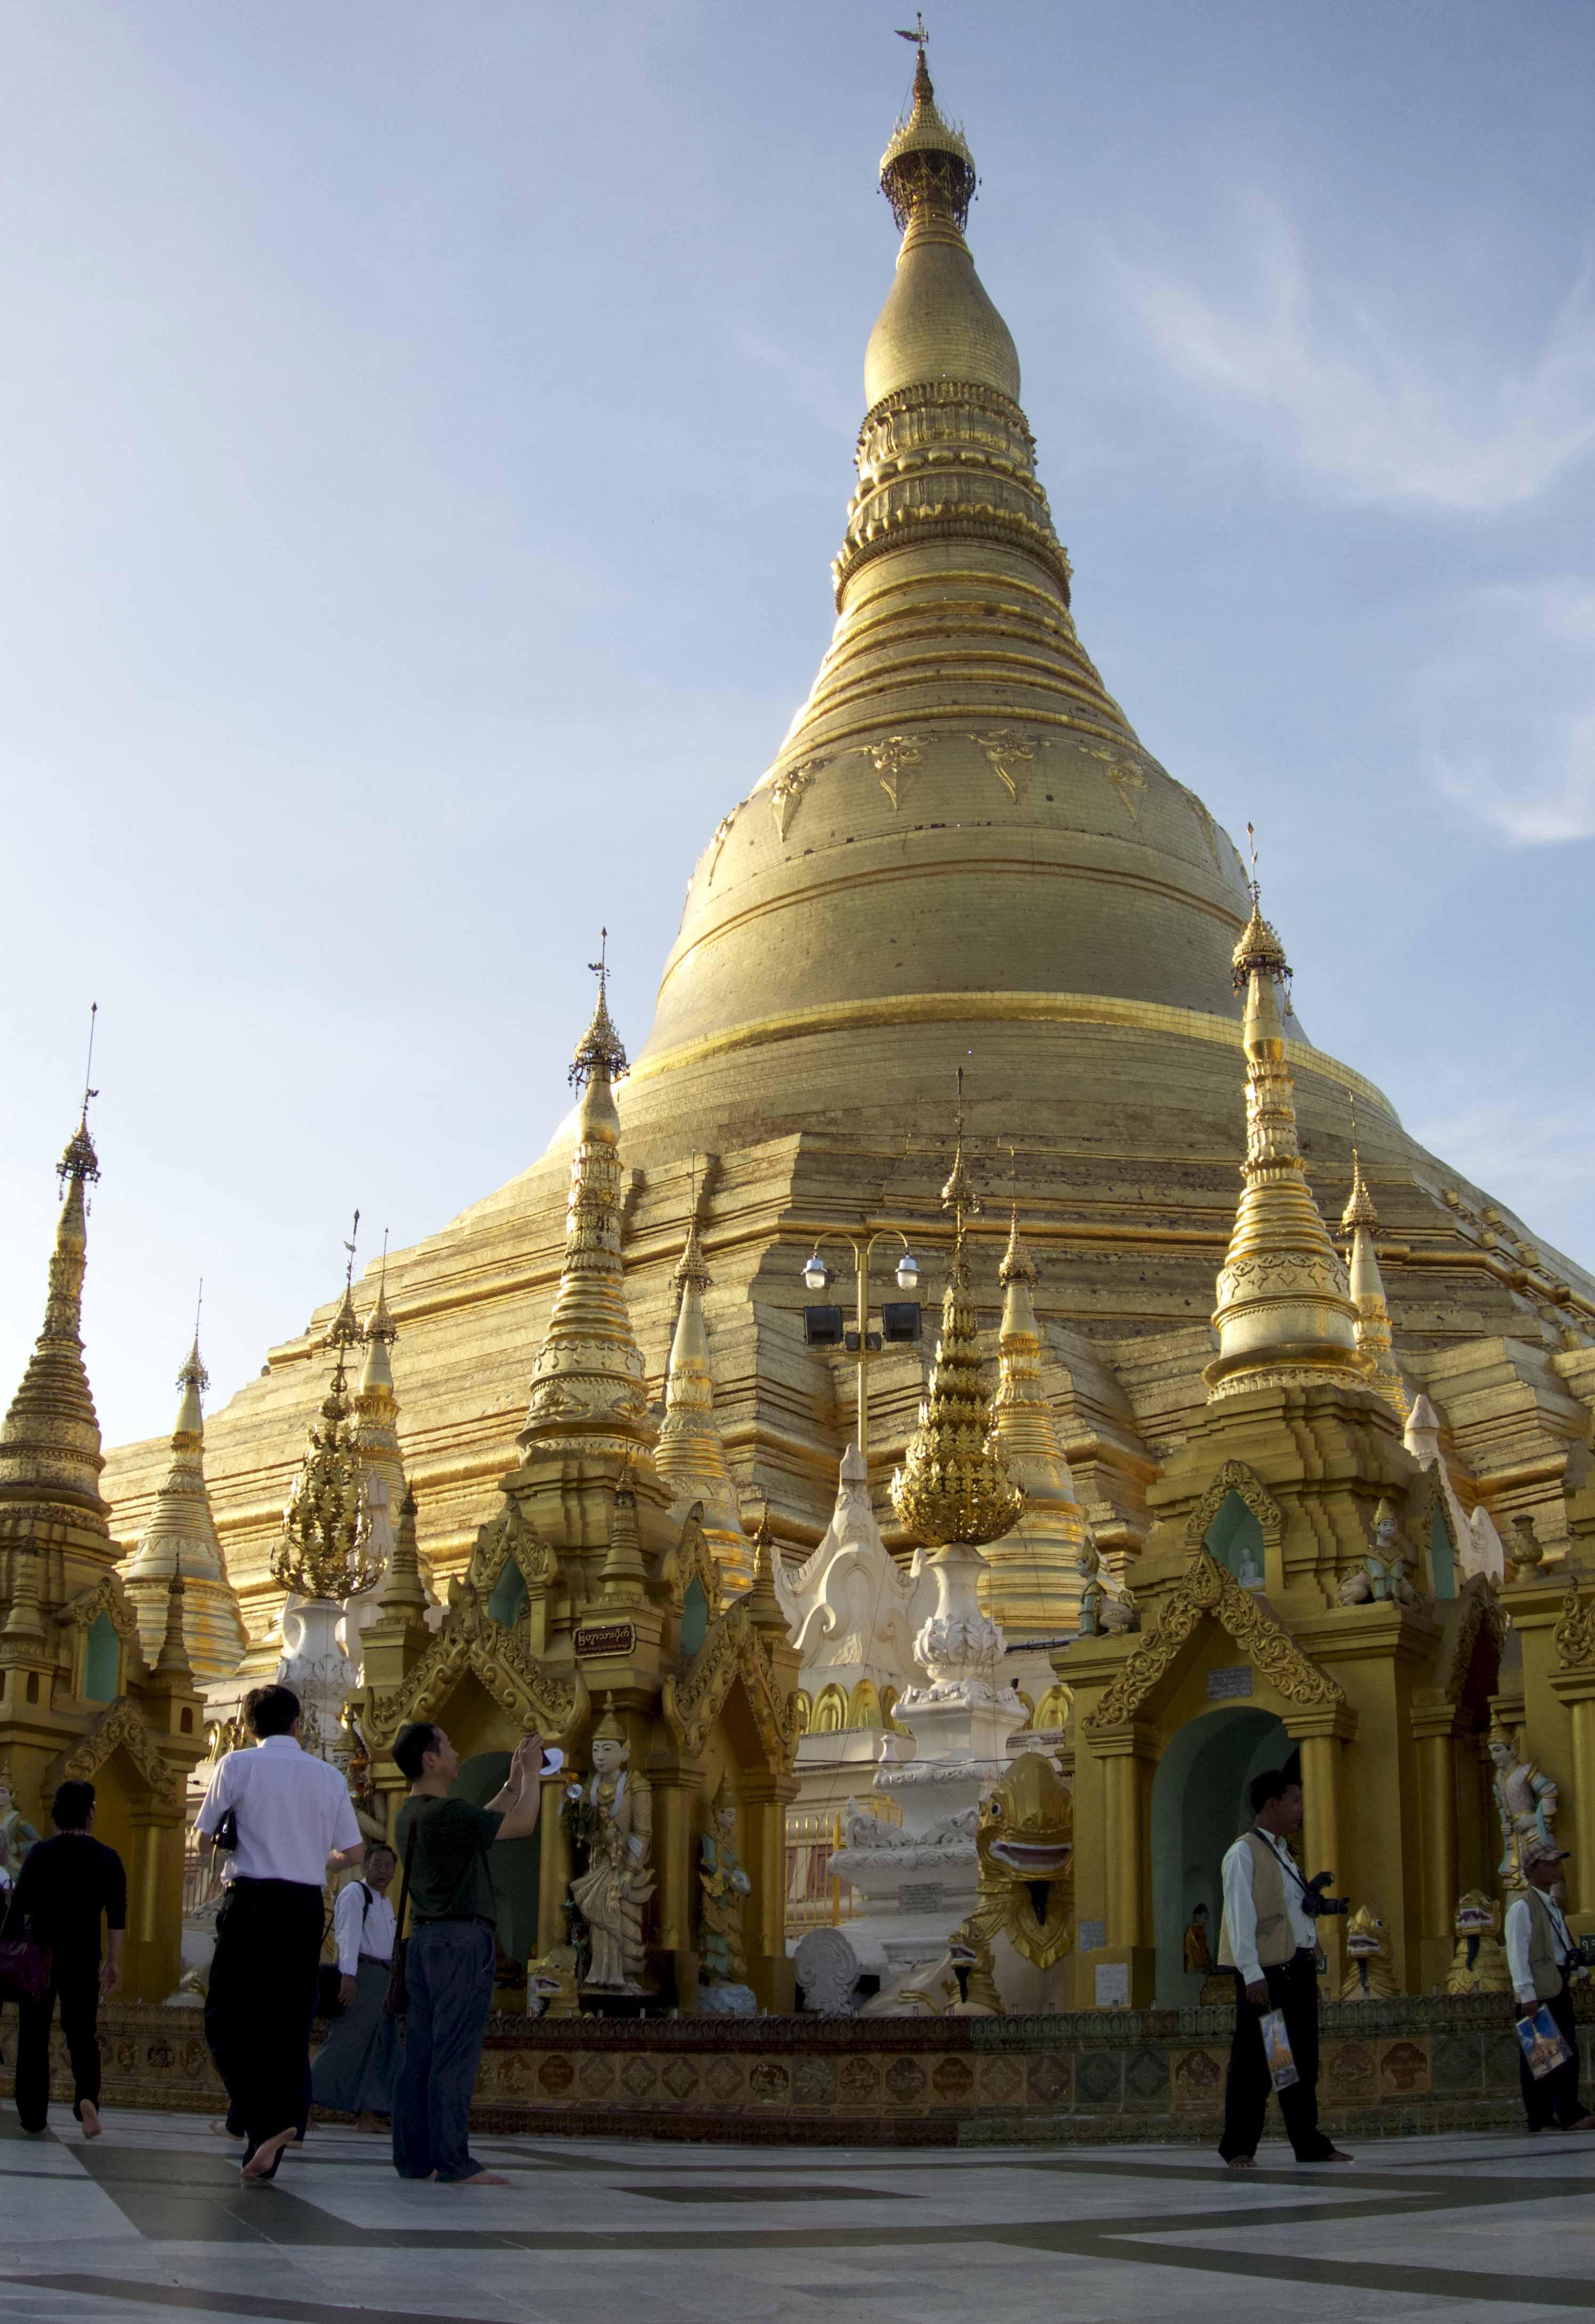 Architecture et symbolique d un temple bouddhiste for Architecture symbolique